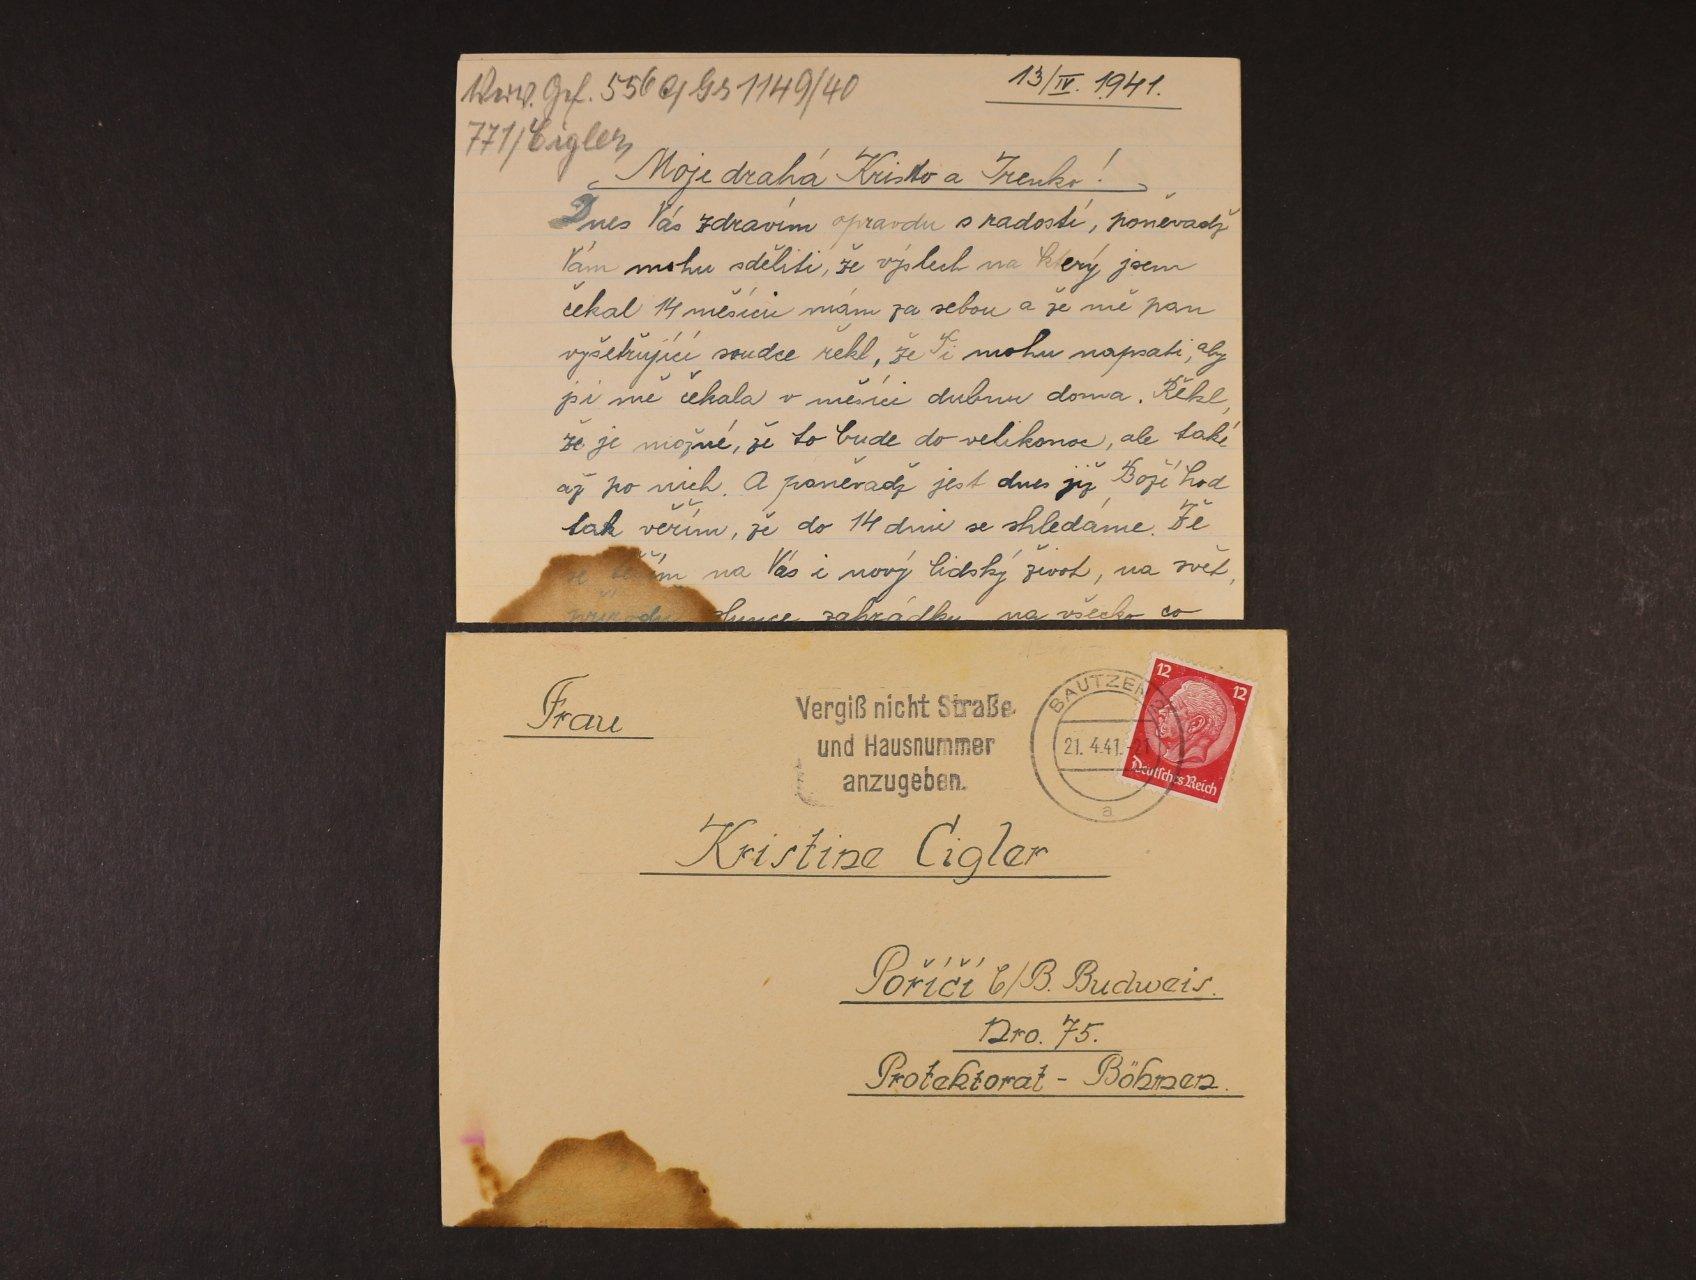 Bautzen - dopis vč. obsahu z věznice do Protektorátu frank. zn. 12pf Hindenburg, pod. raz. BAUTZEN 21.4.41, zajímavé